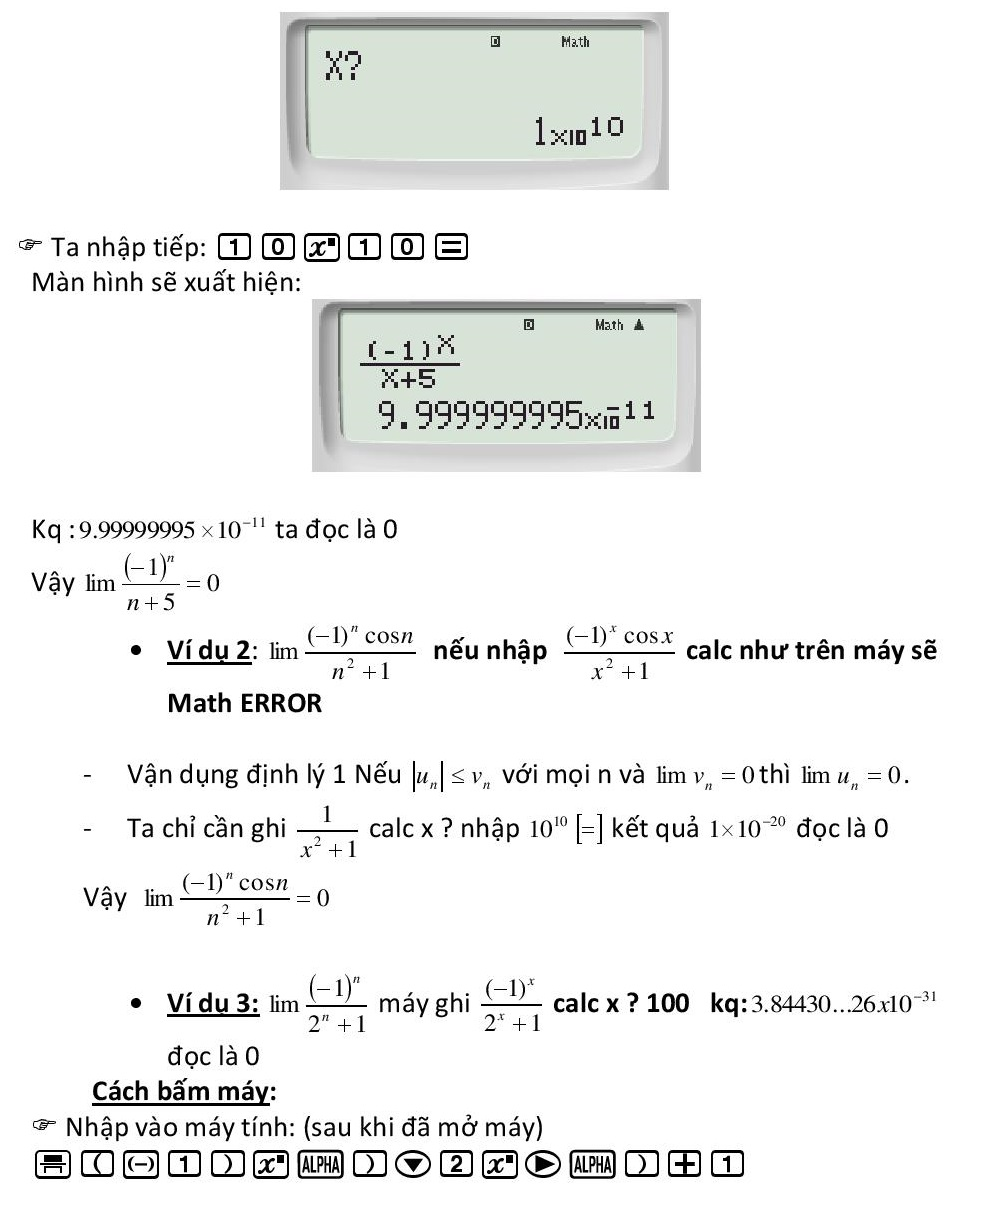 giới hạn dãy số và giới hạn hàm số (2).jpg